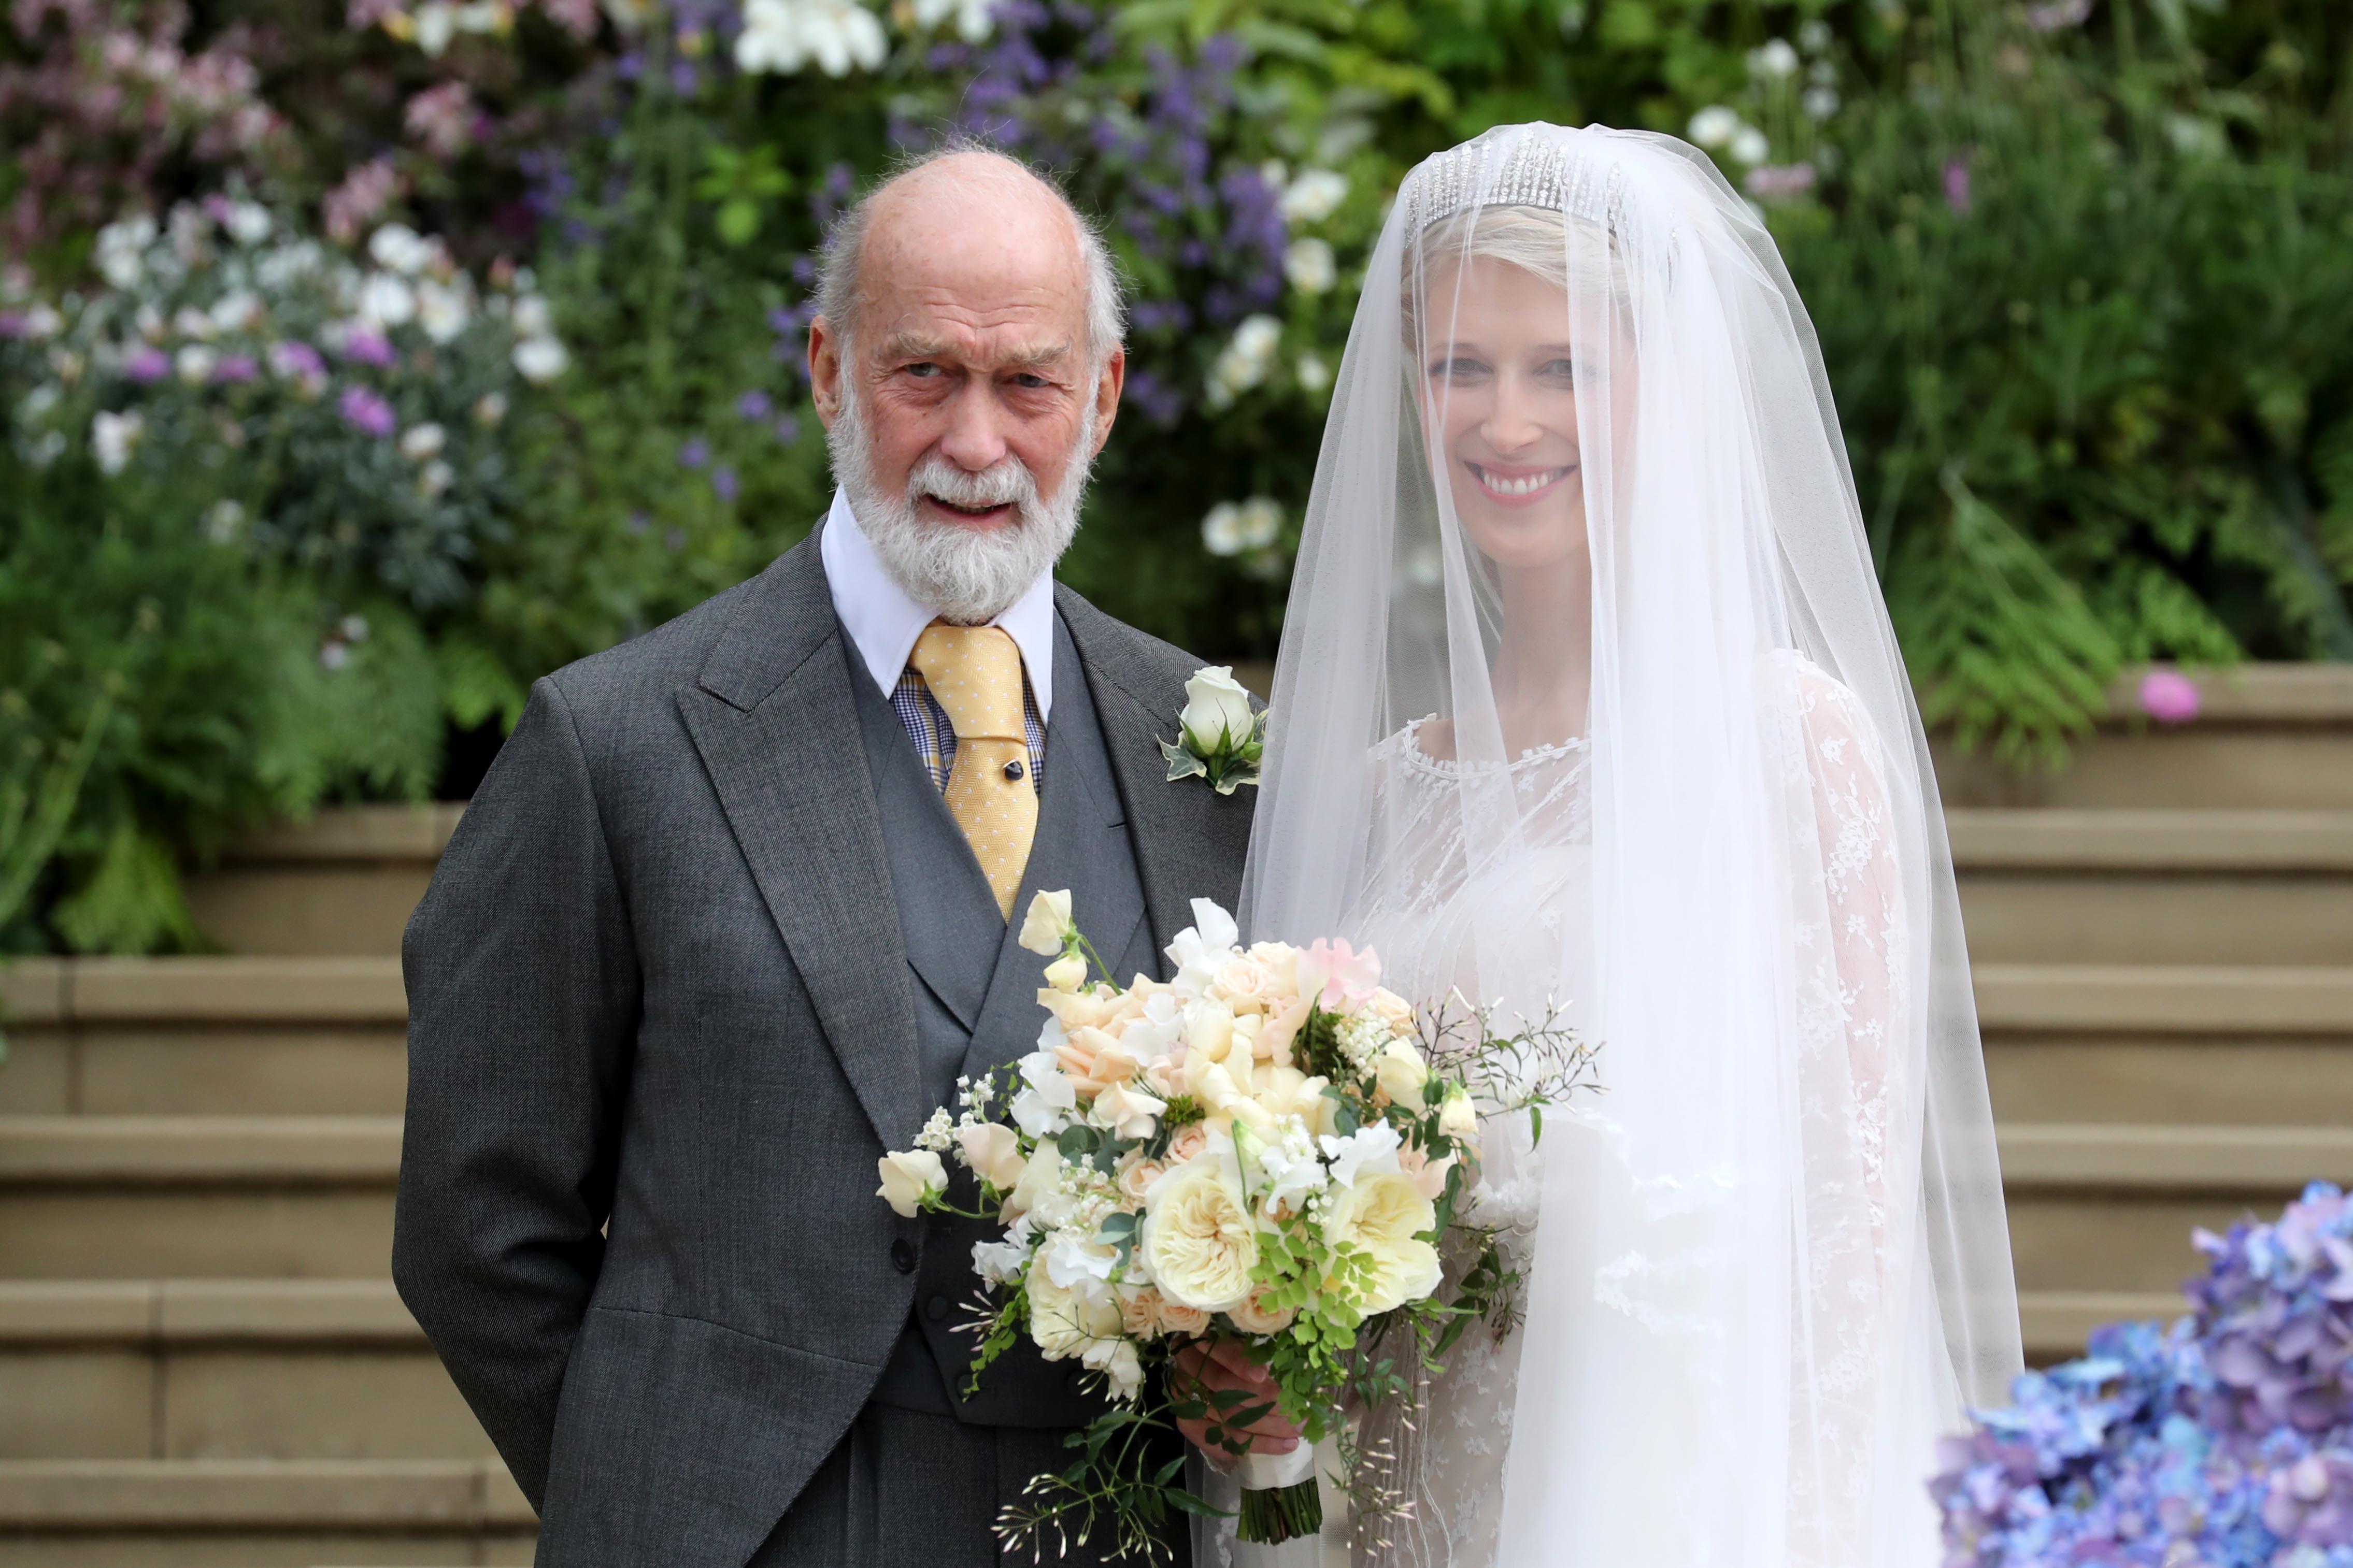 3db16cb57ad1b レディ・ガブリエラ・ウィンザーの結婚式、ハイライトシーン ハーパーズ バザー(Harper s BAZAAR)公式